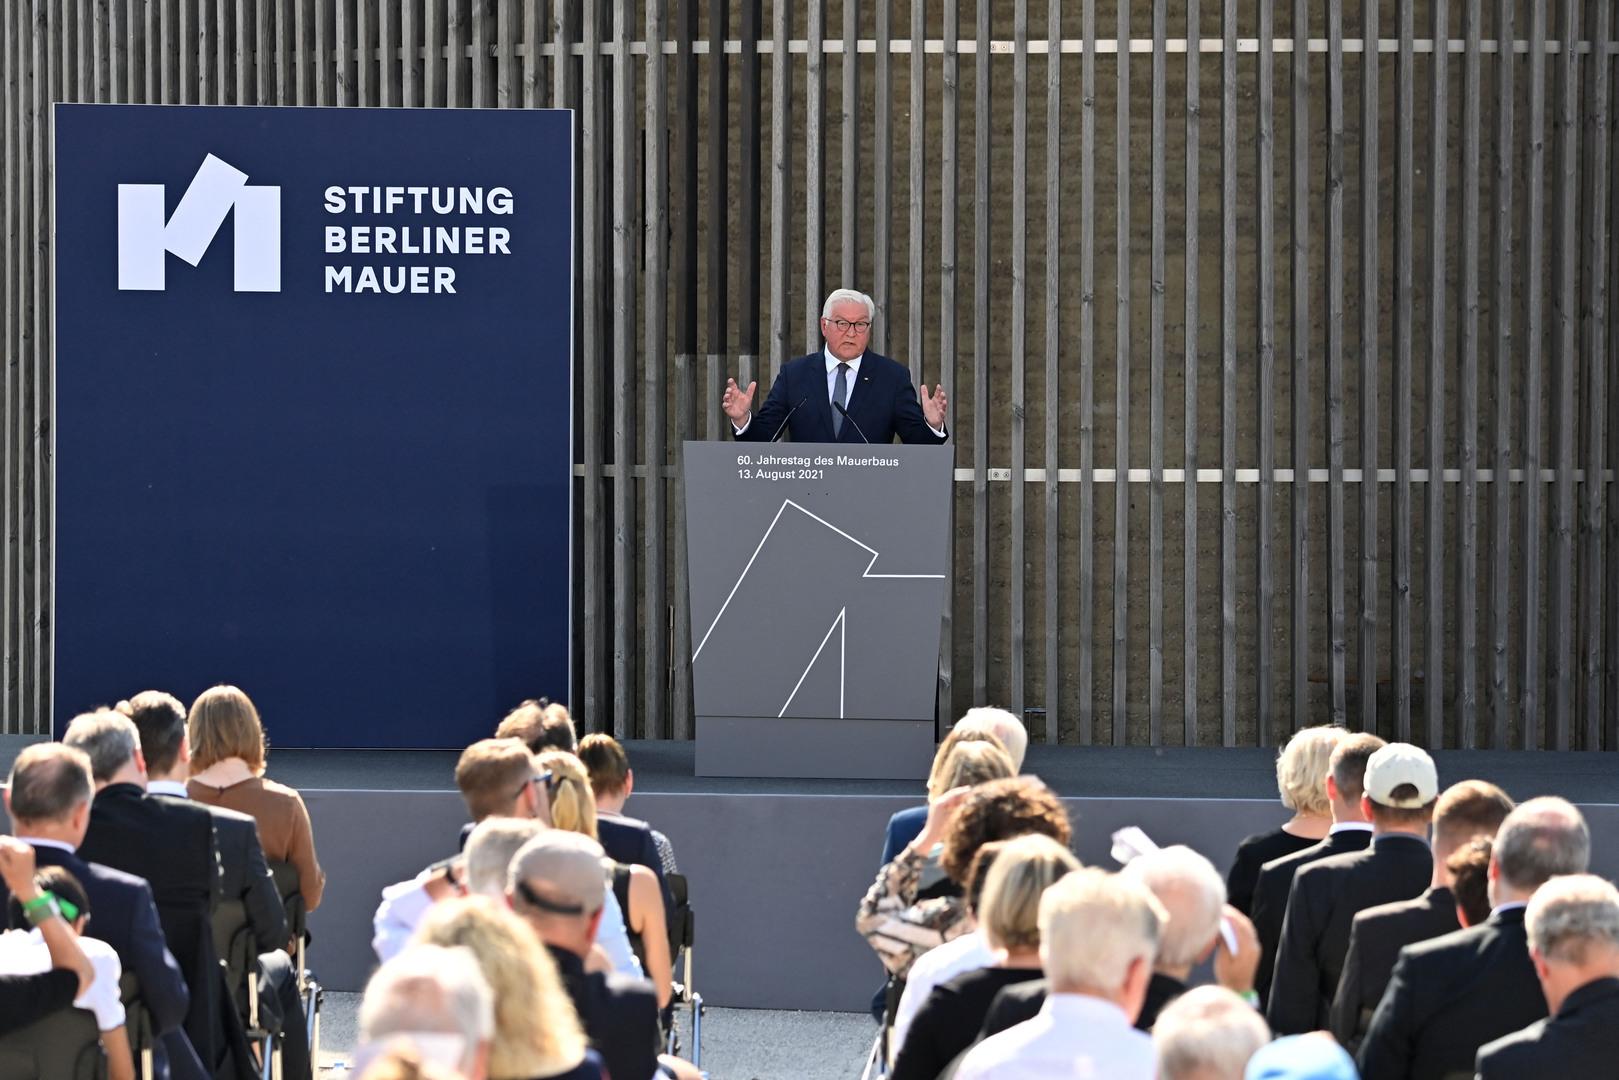 في الذكرى 60 لبنائه.. شتاينماير: يجب أن يبقى جدار برلين إلى الأبد في الذاكرة